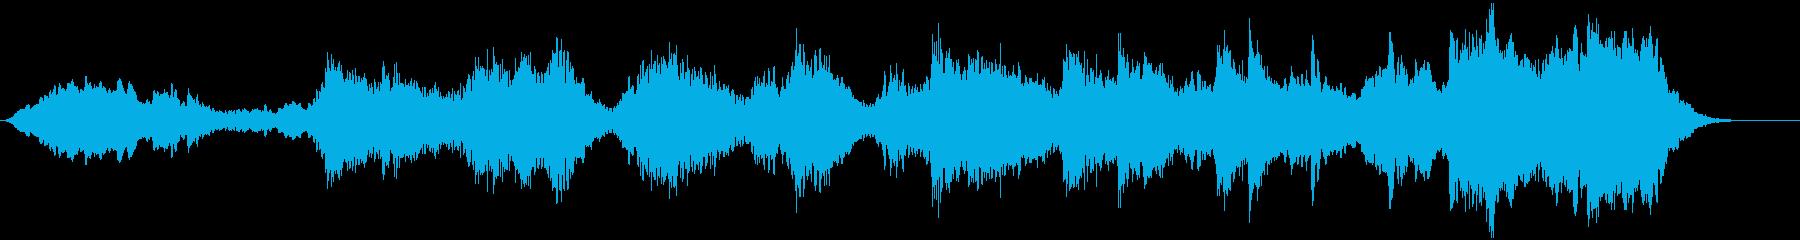 ディープソフトインパクトシマー、ム...の再生済みの波形